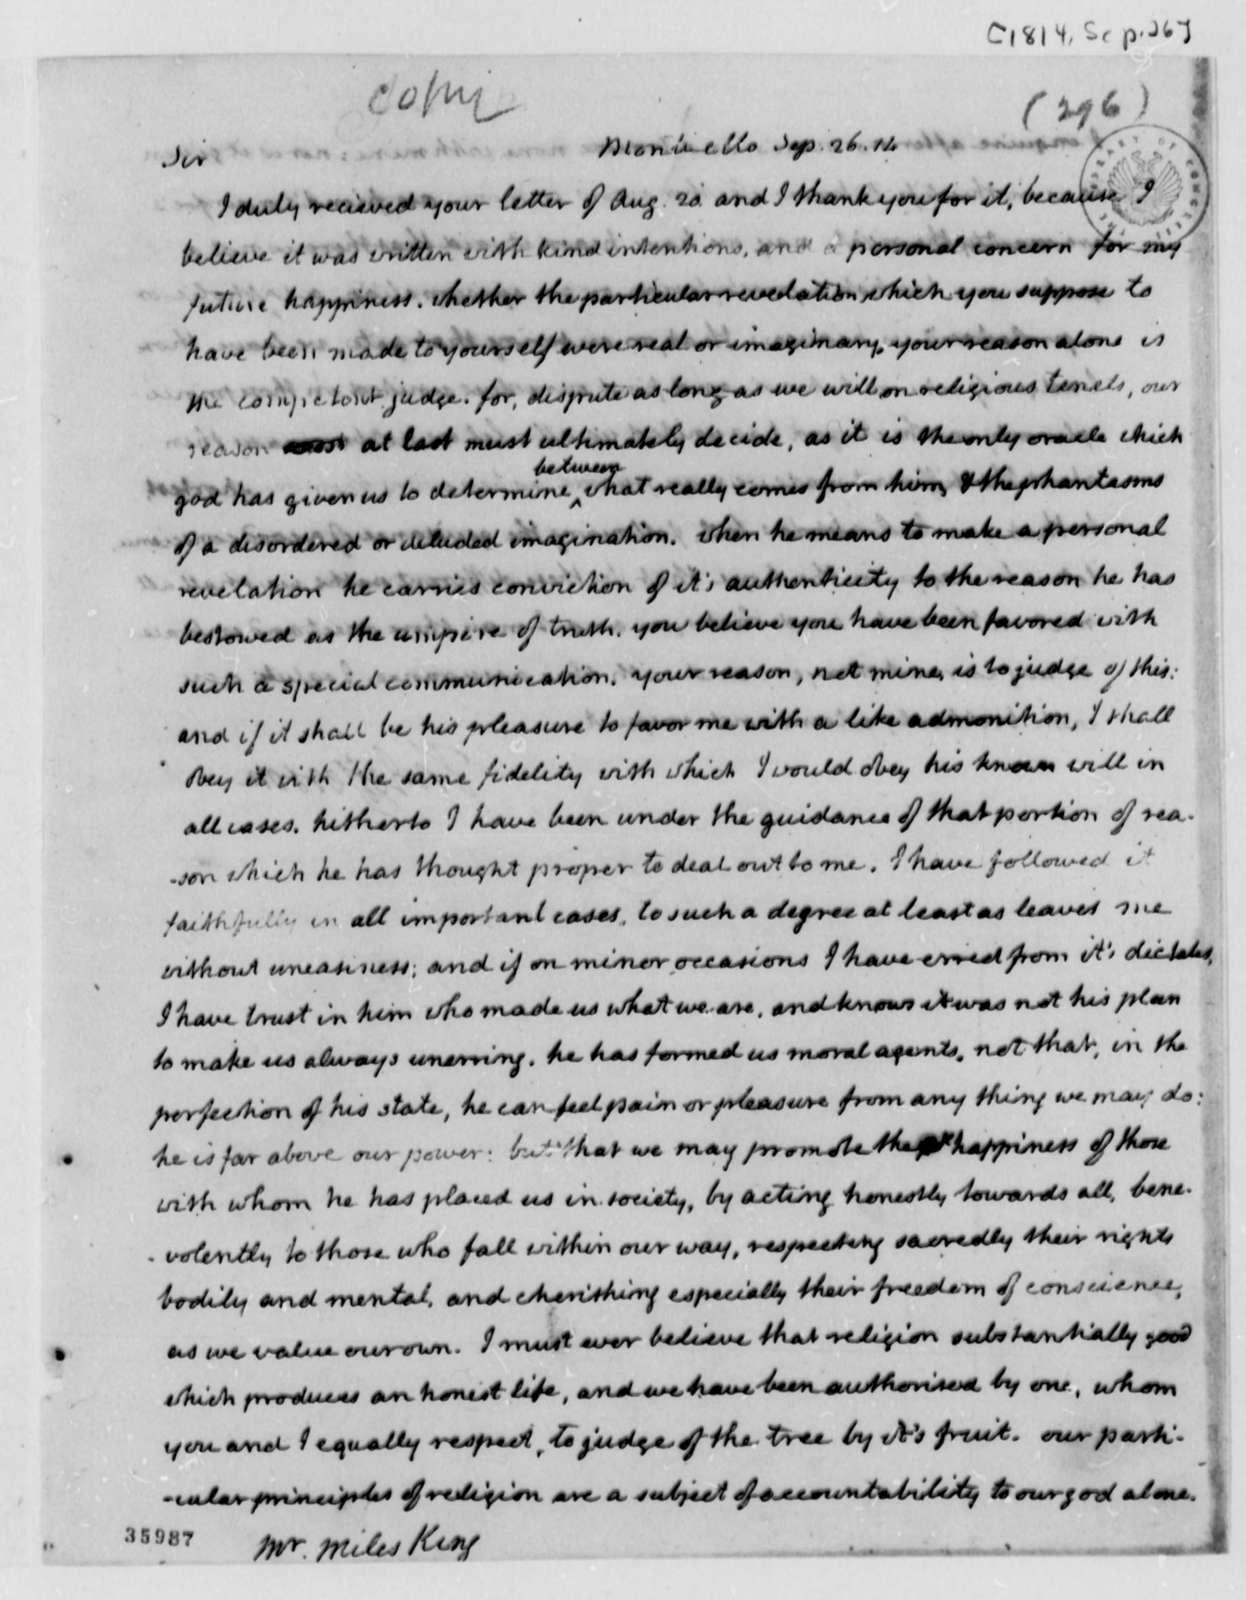 Thomas Jefferson to Miles King, September 26, 1814